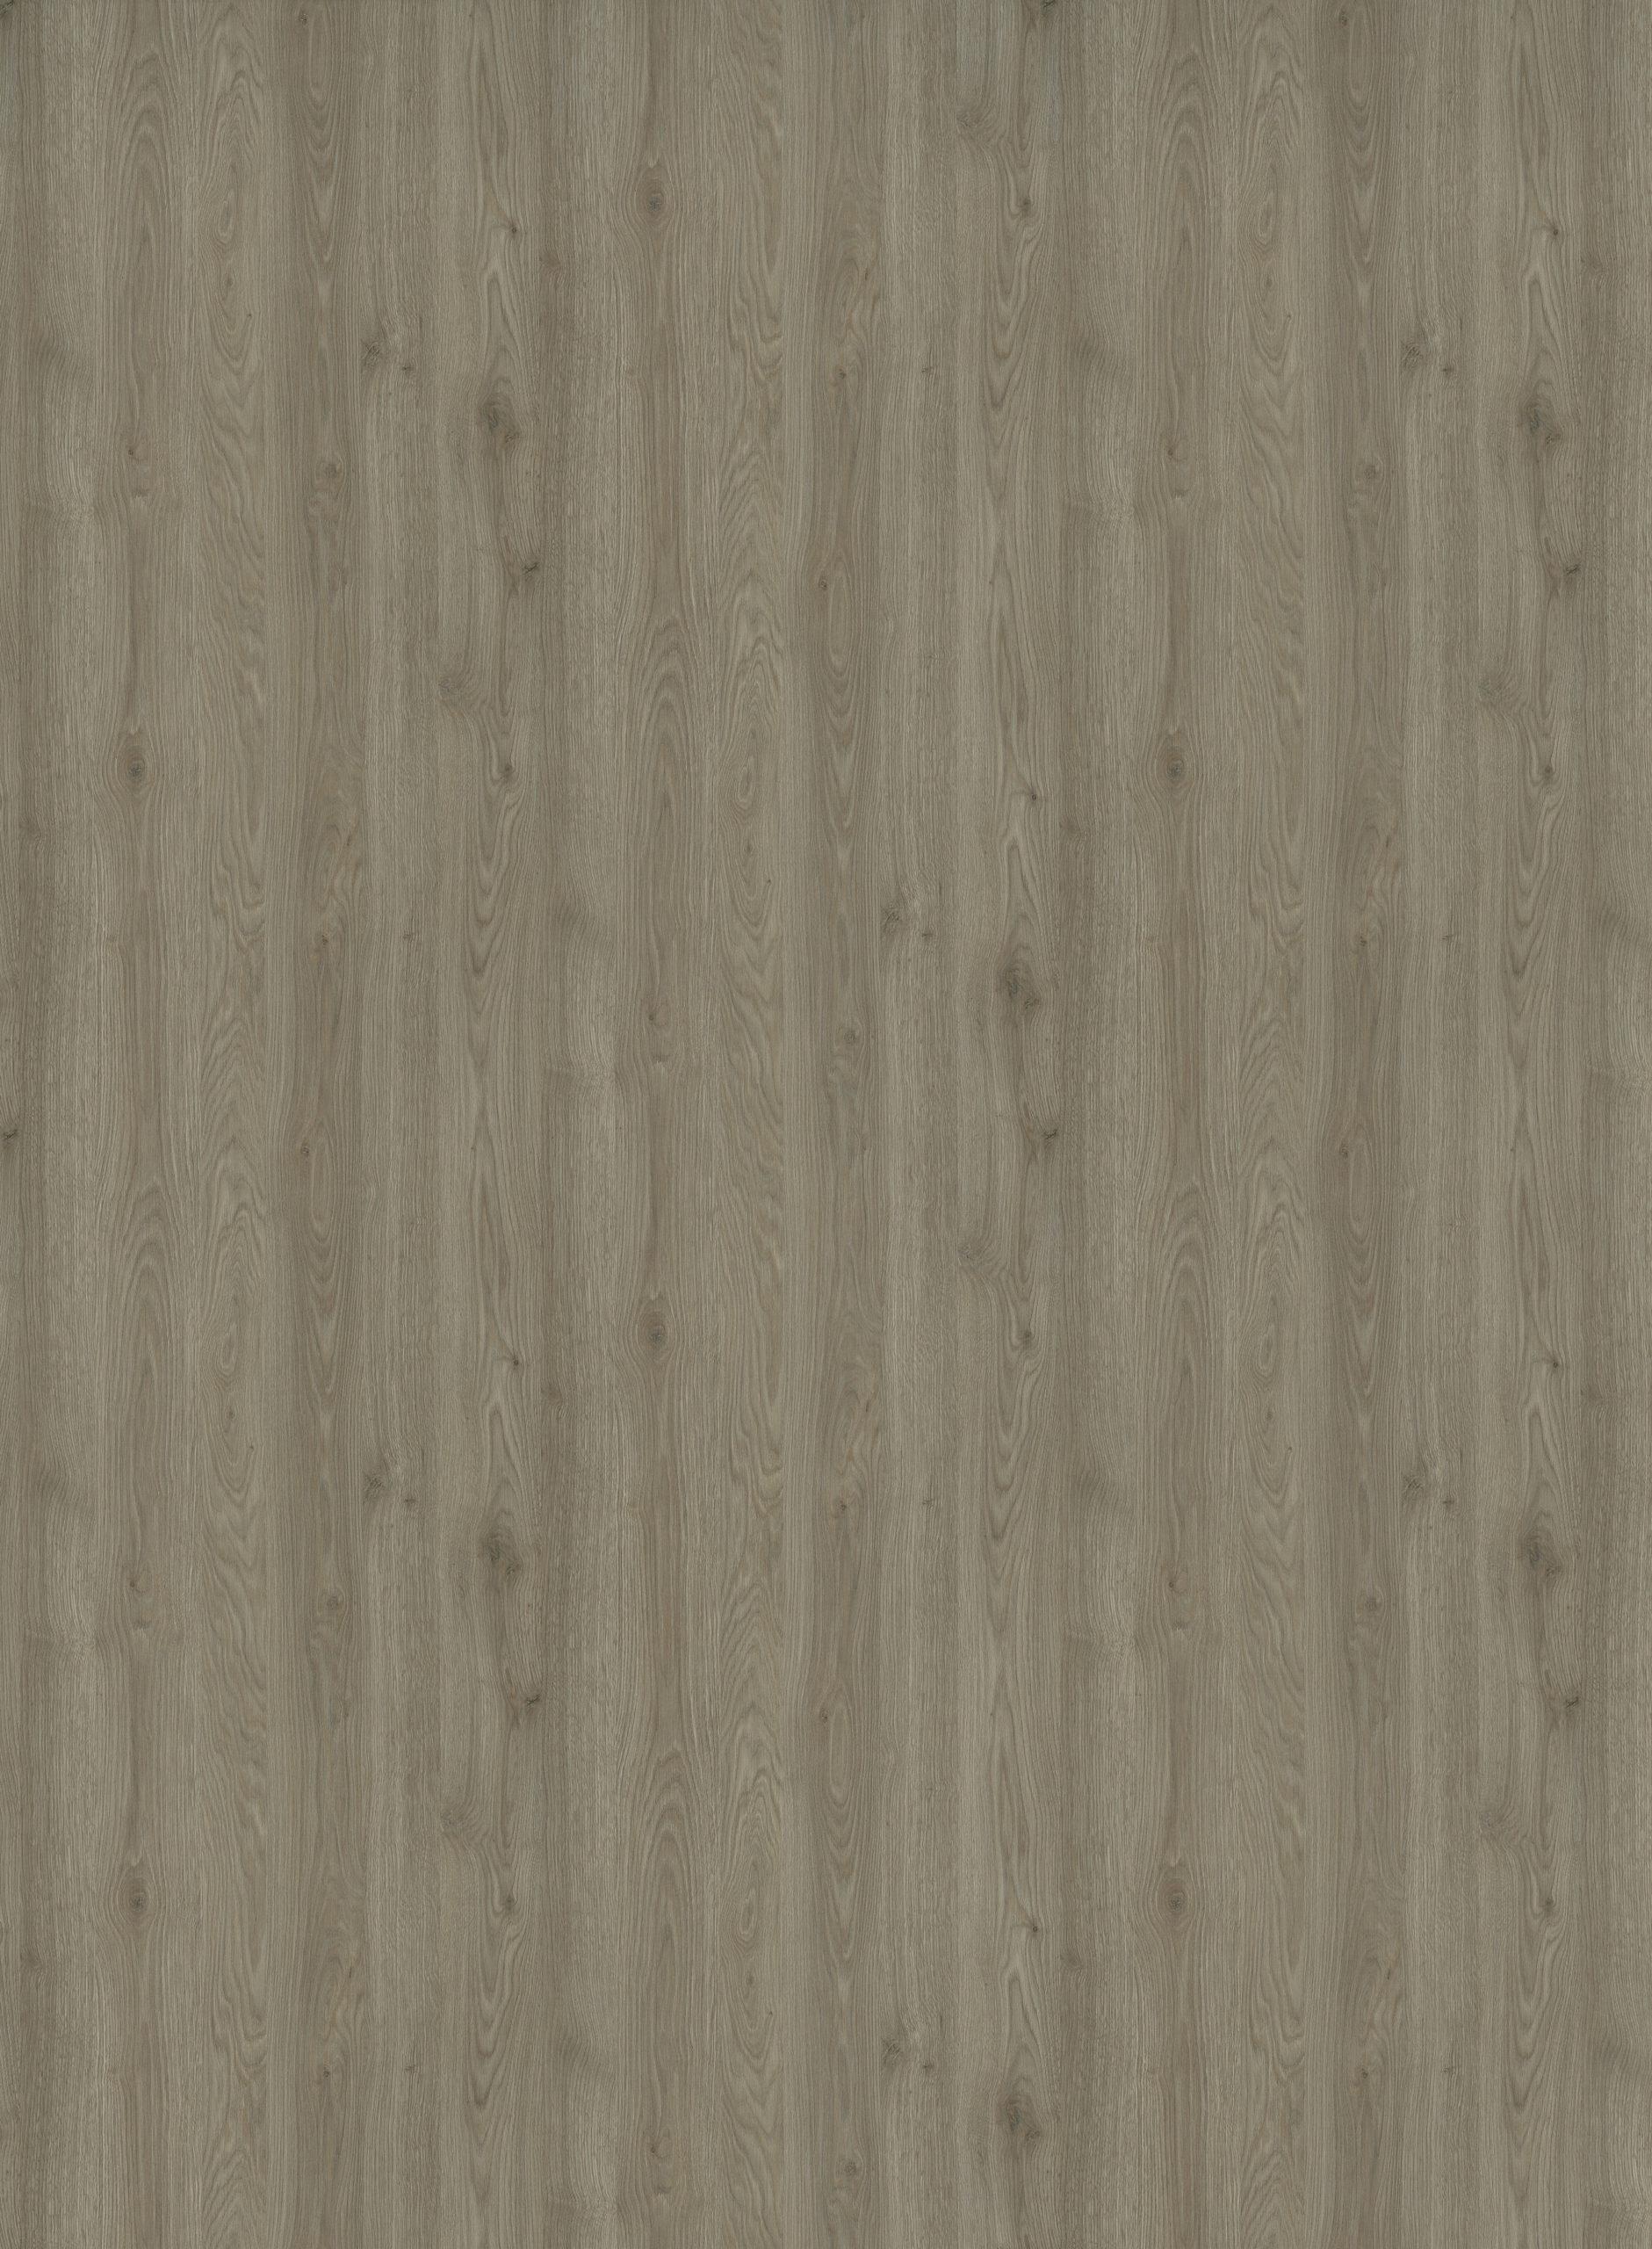 Cleaf/DecoLegno - S121 Maloja - Hele plaat Teken HR